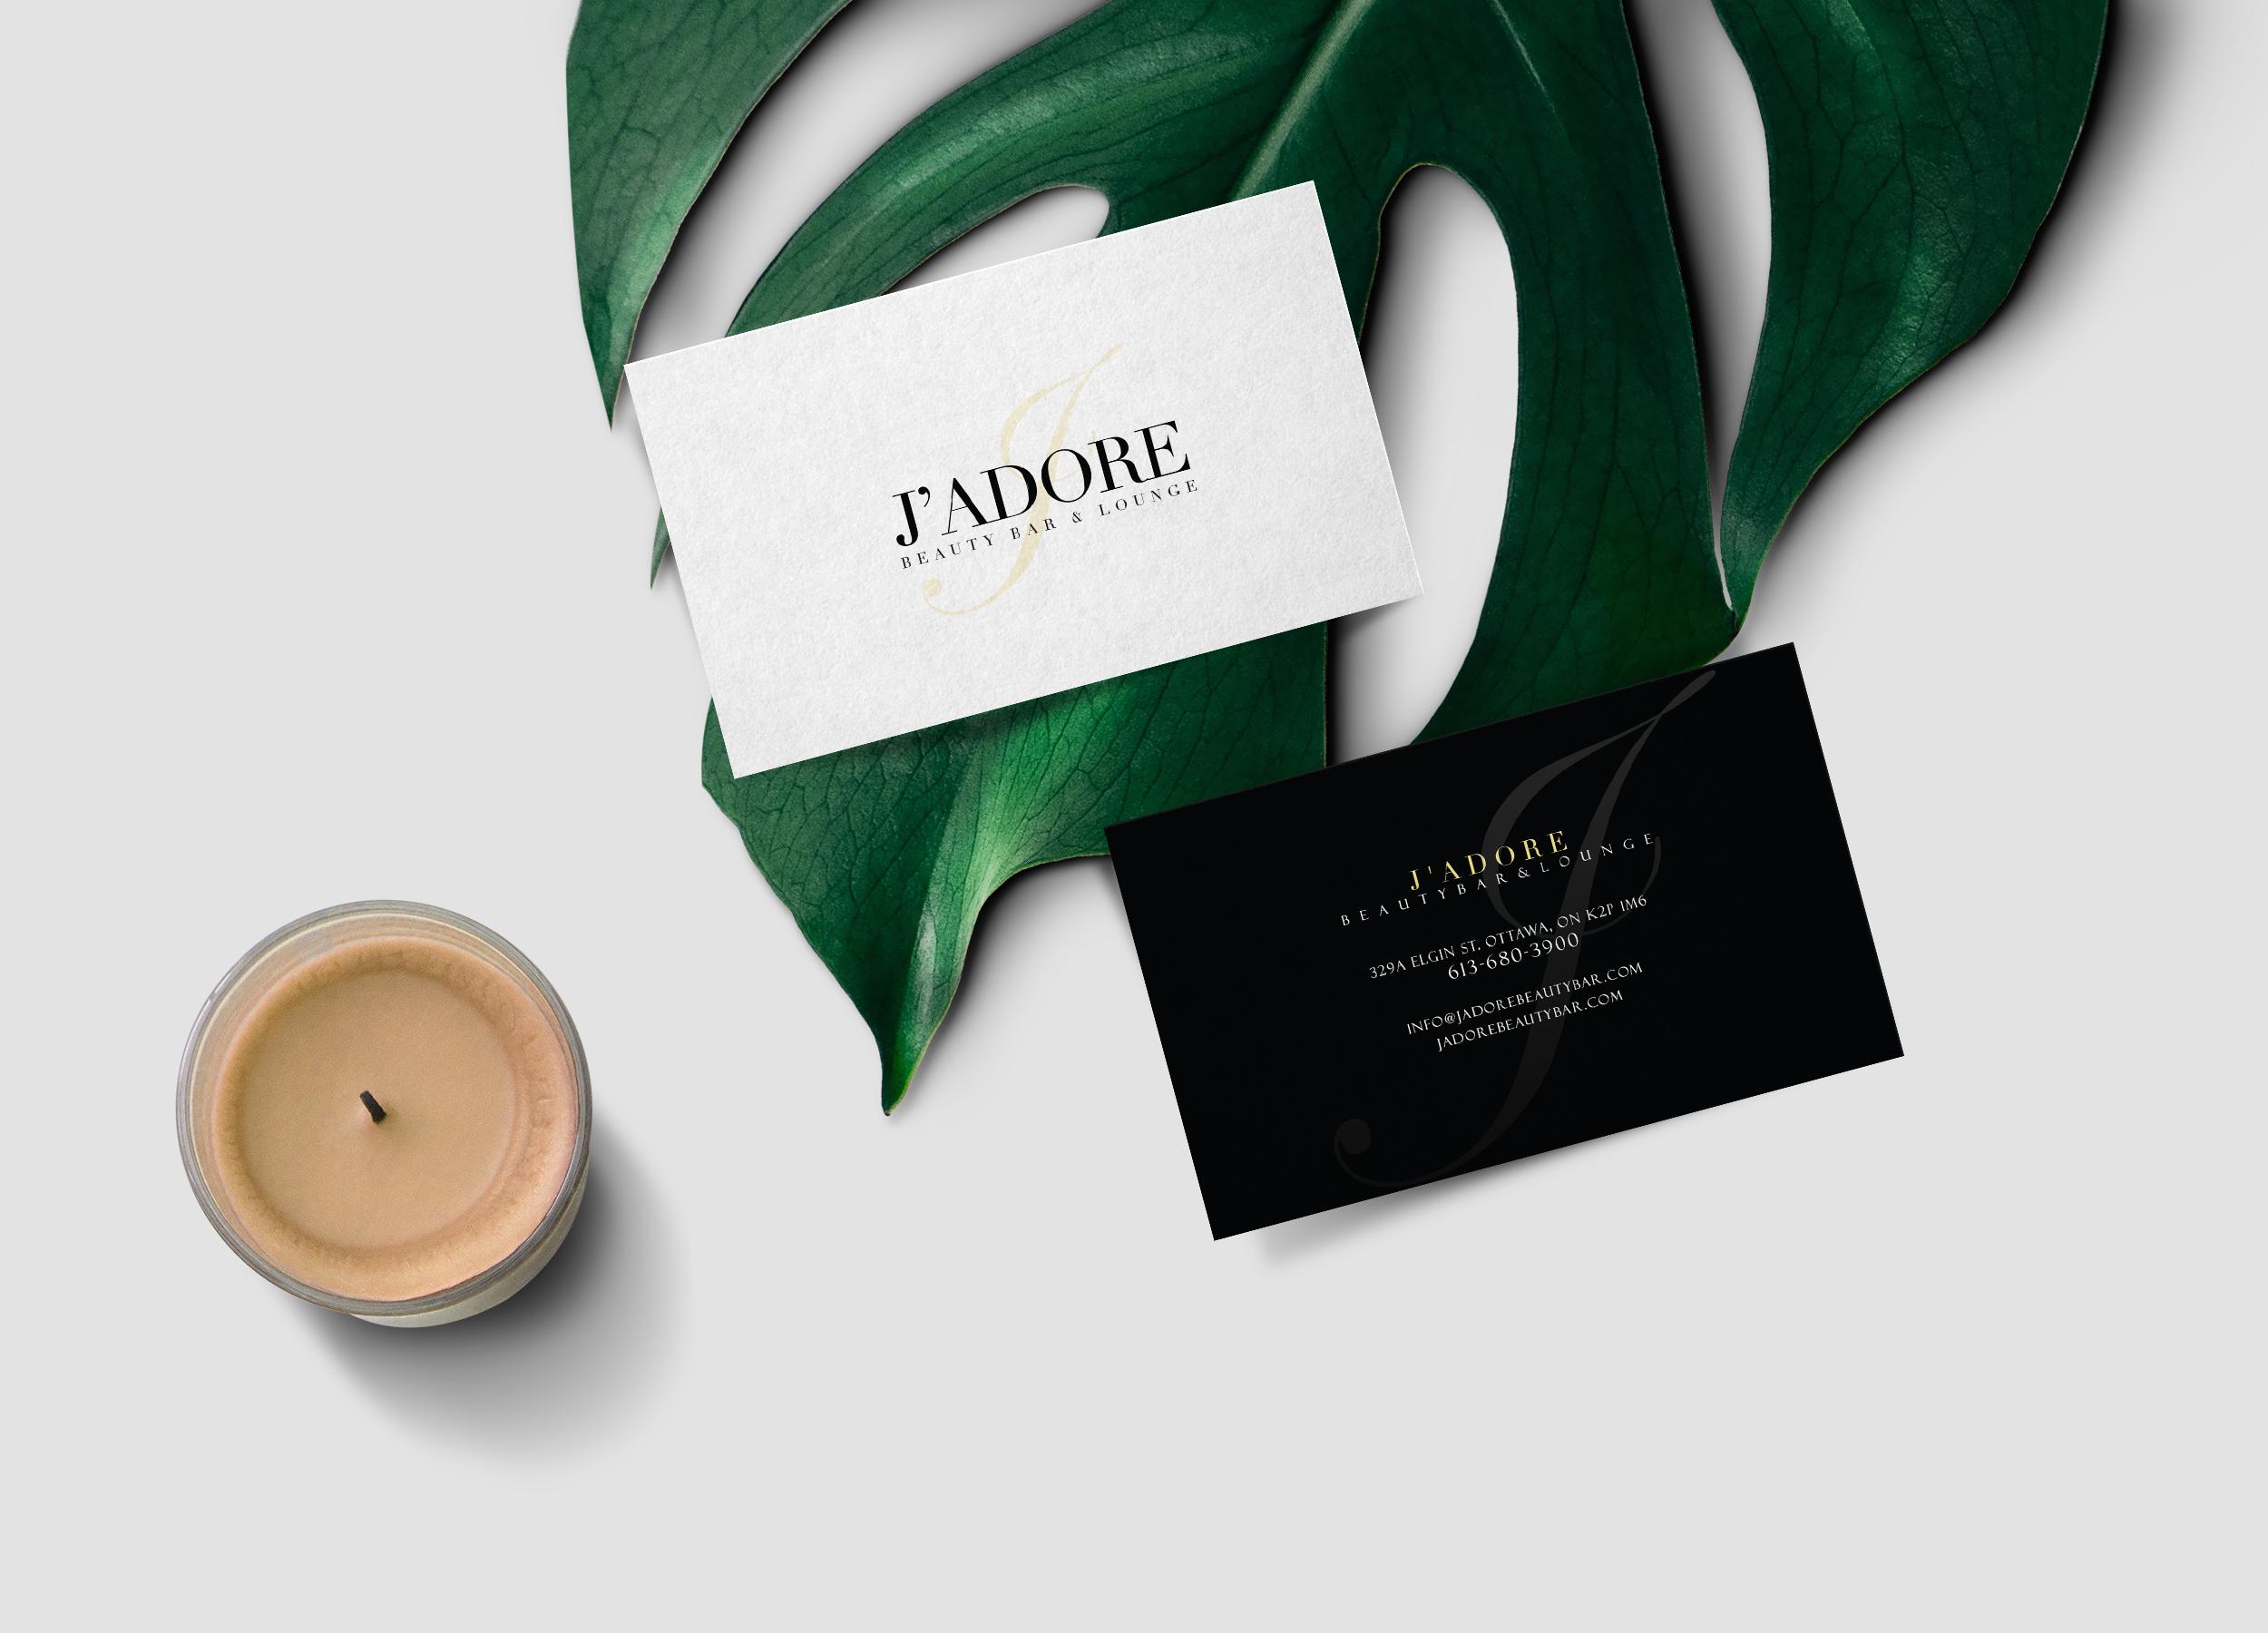 J'adore Beauty Bar Business Card Design